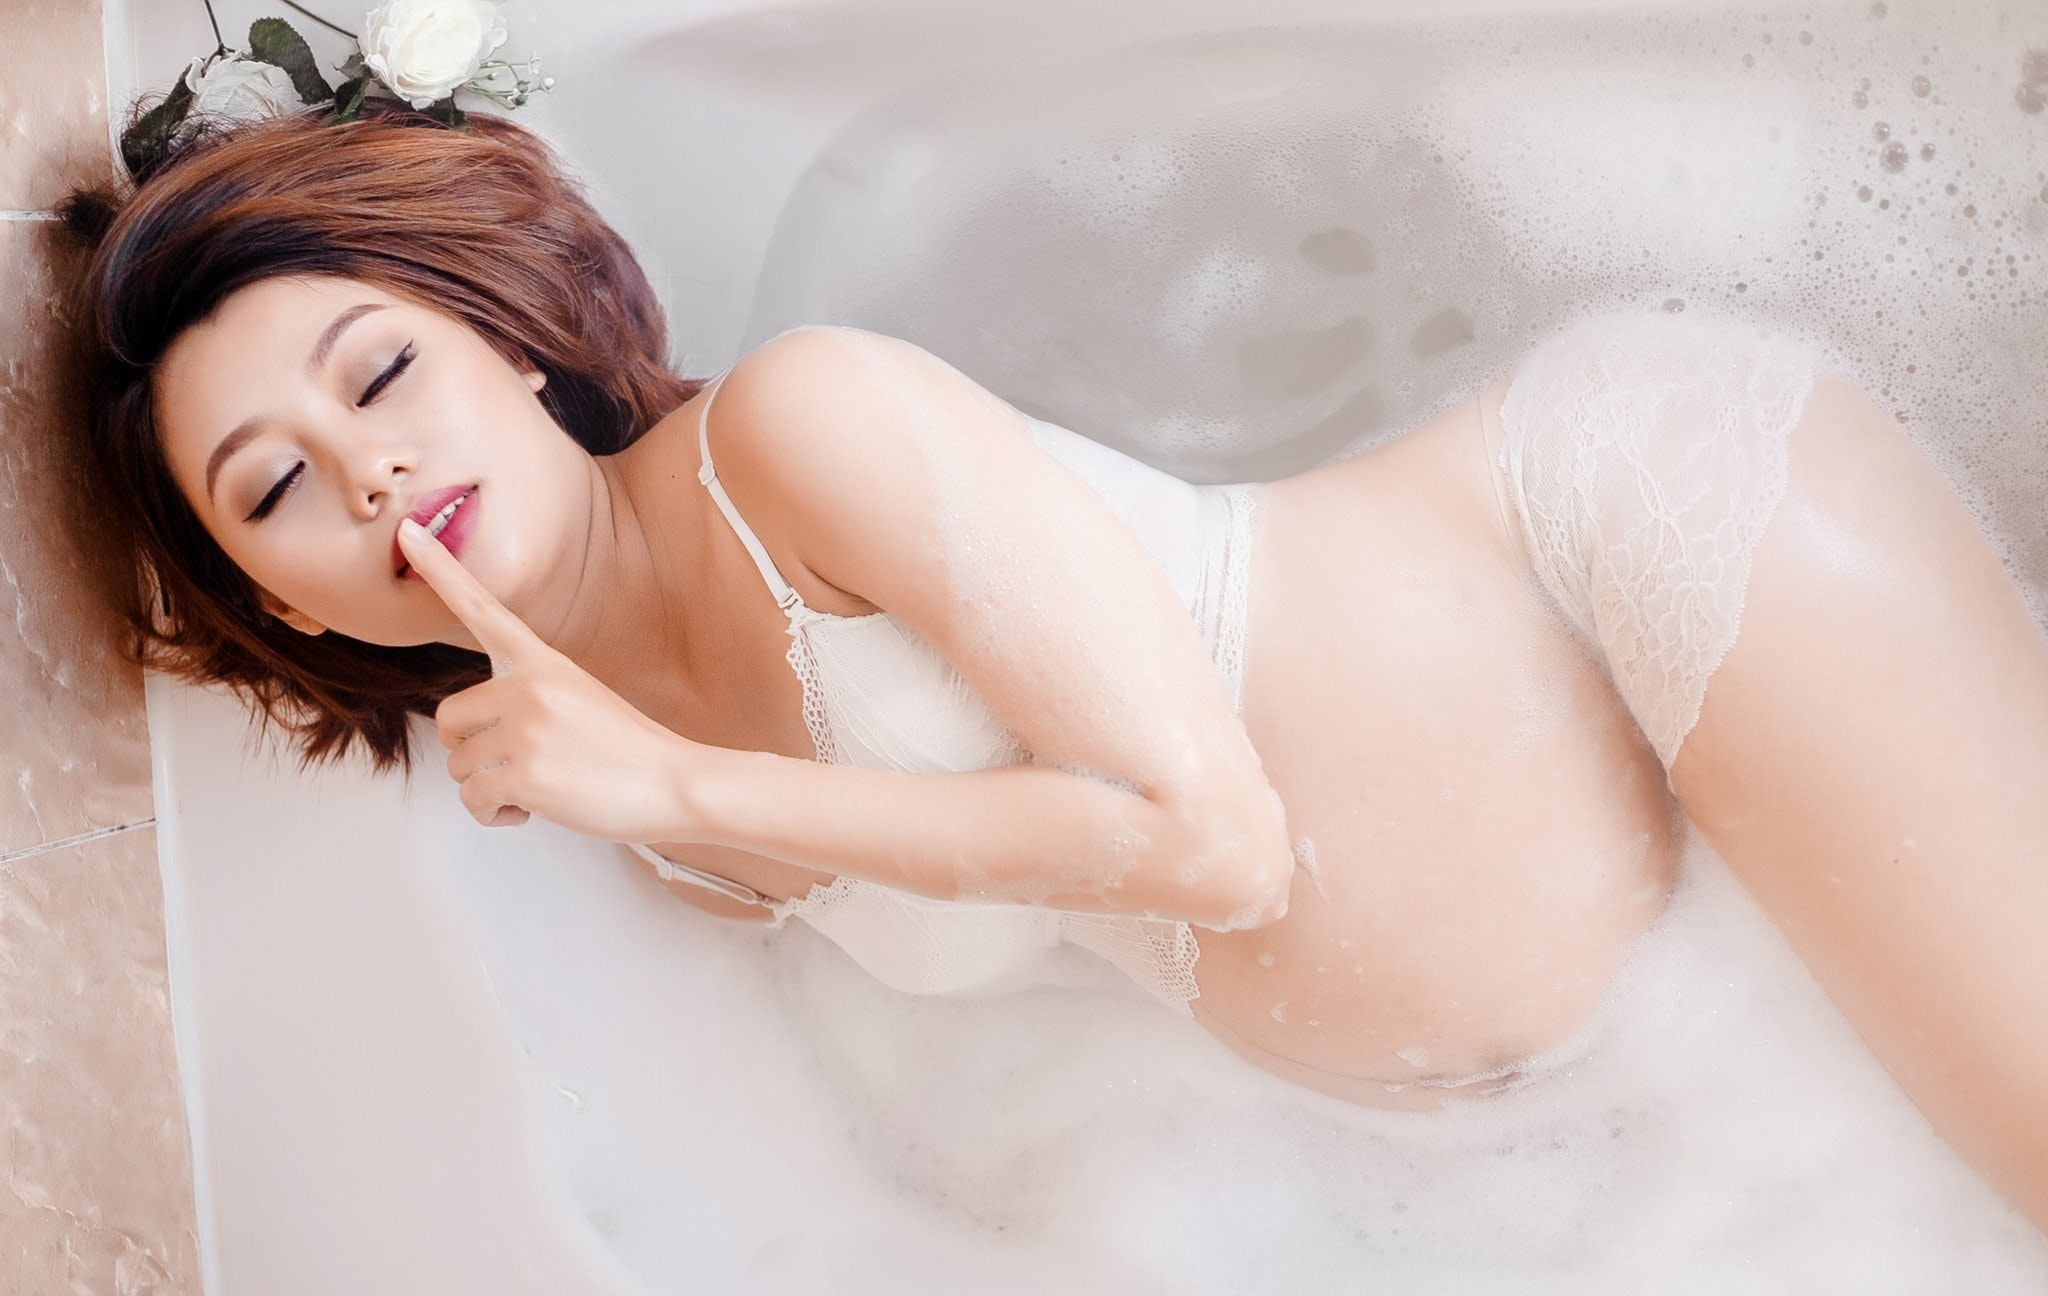 bath milk Nude in girl